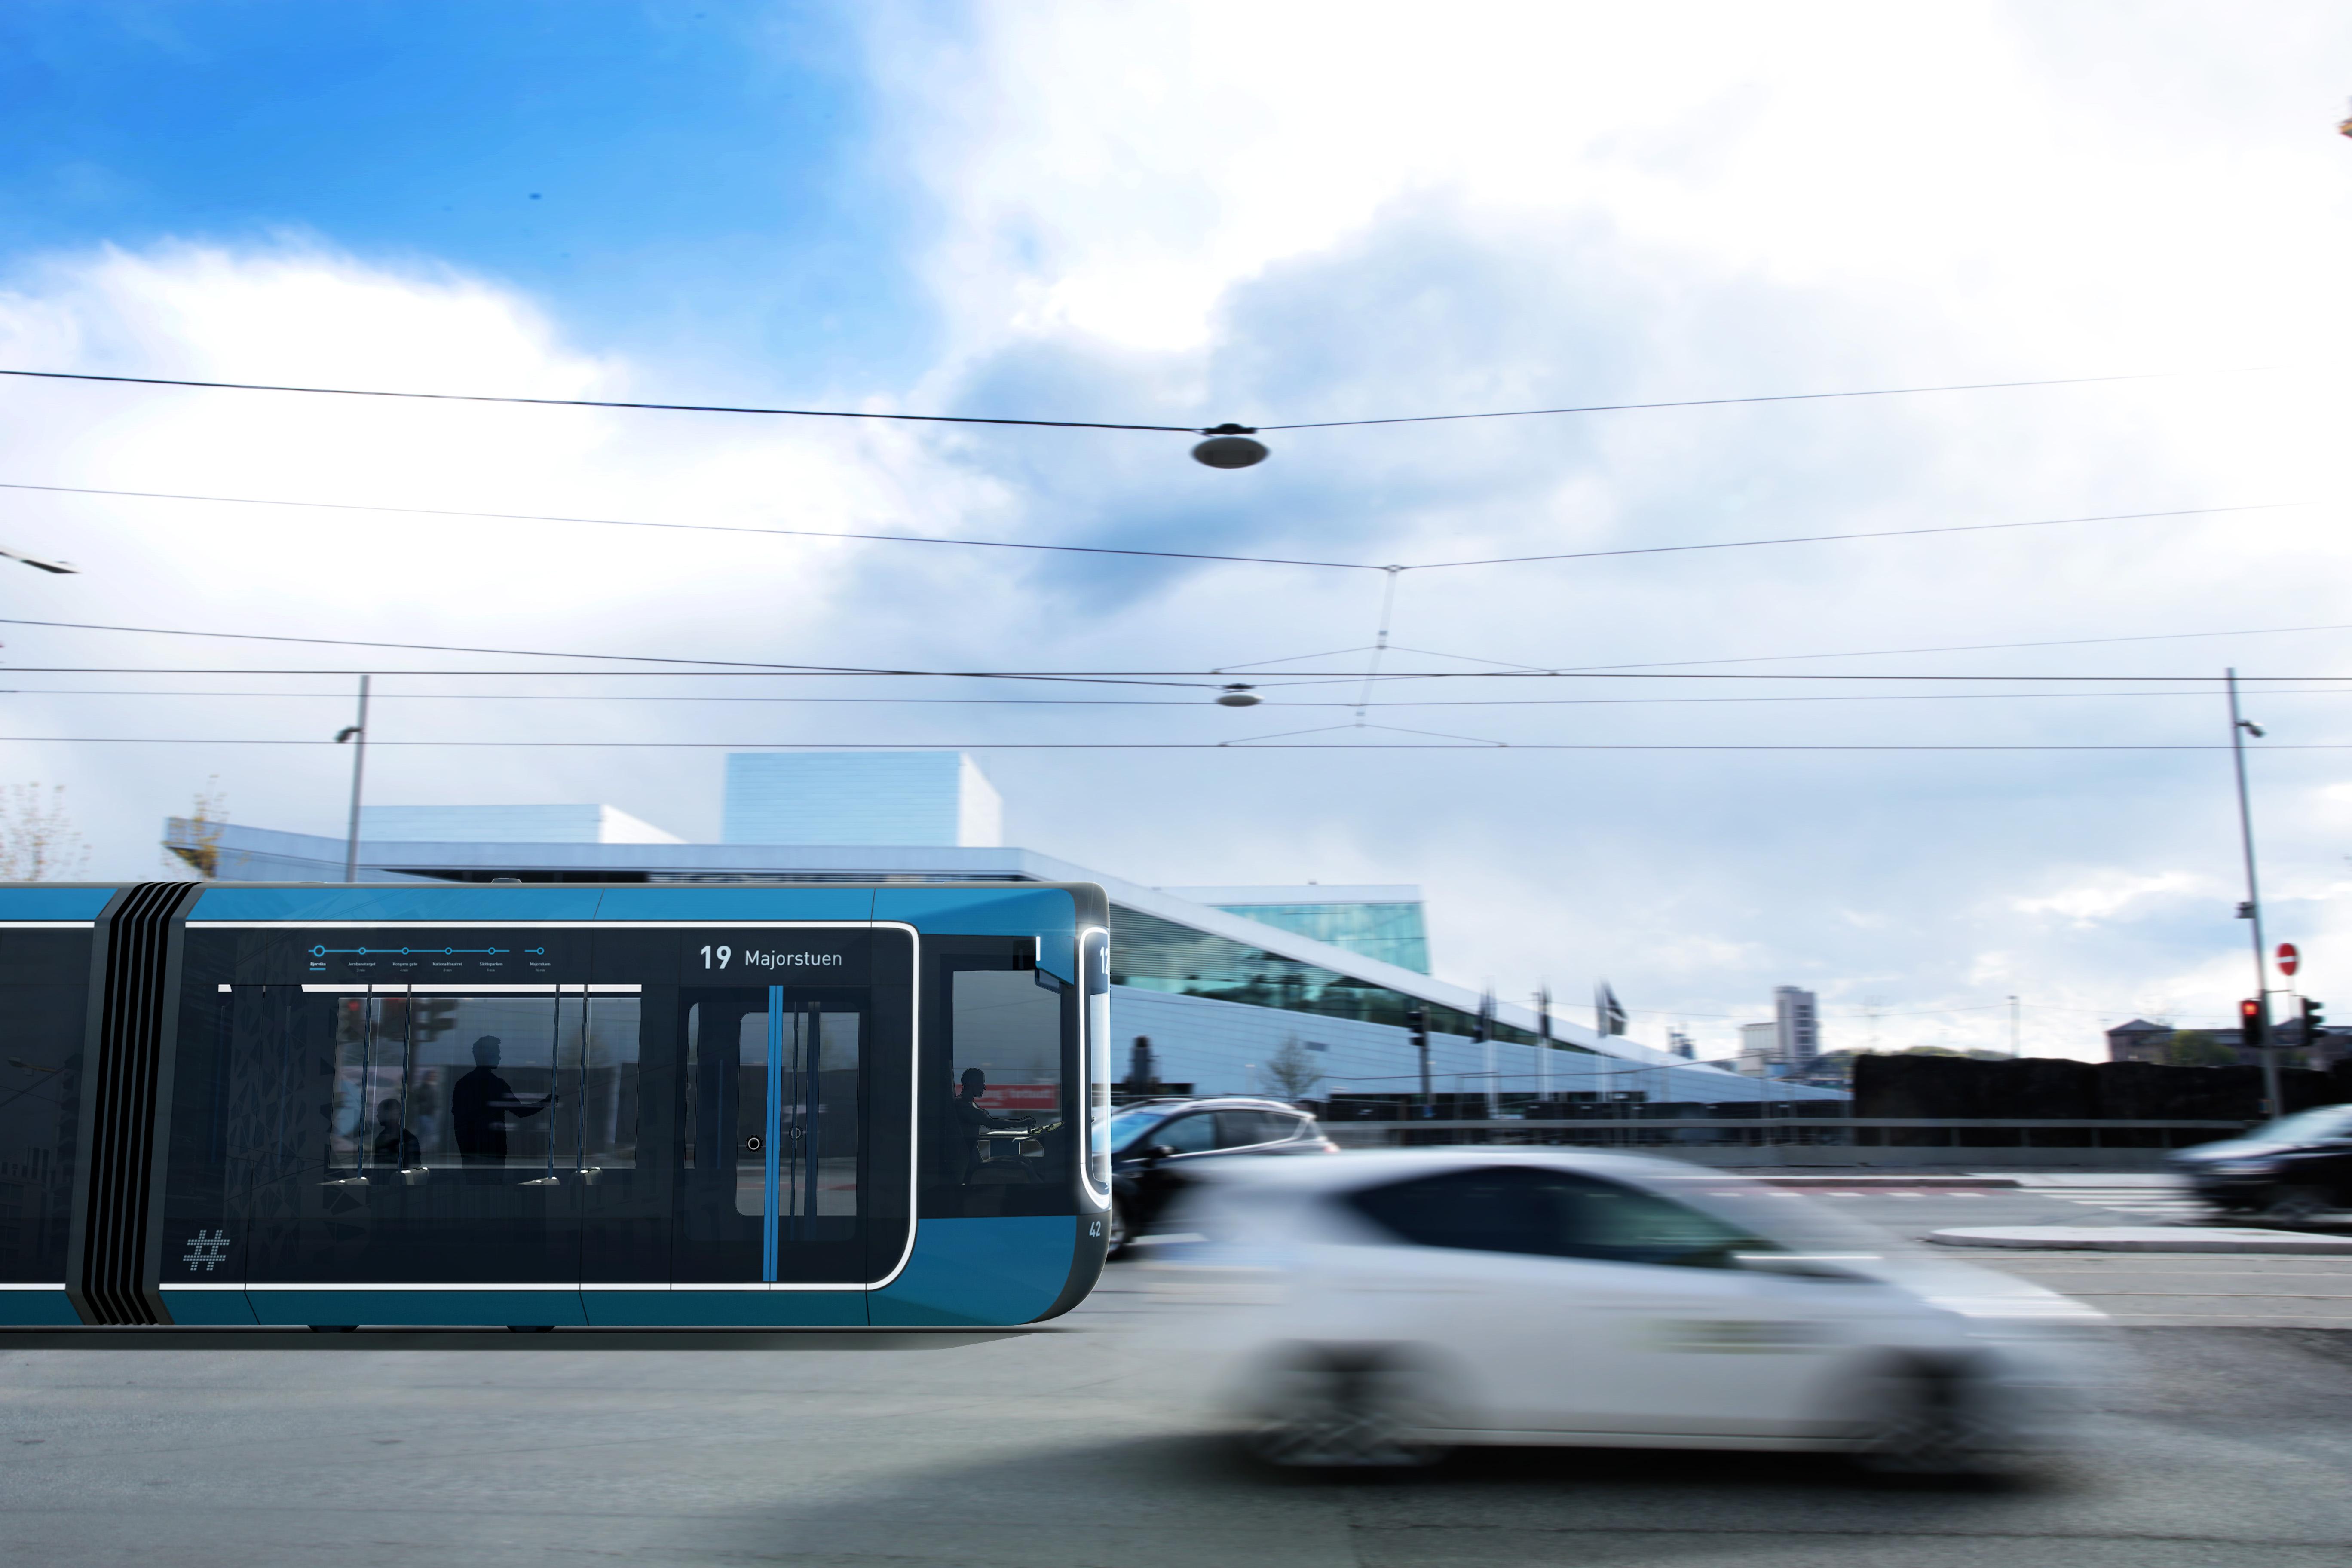 2020 Oslo Tram